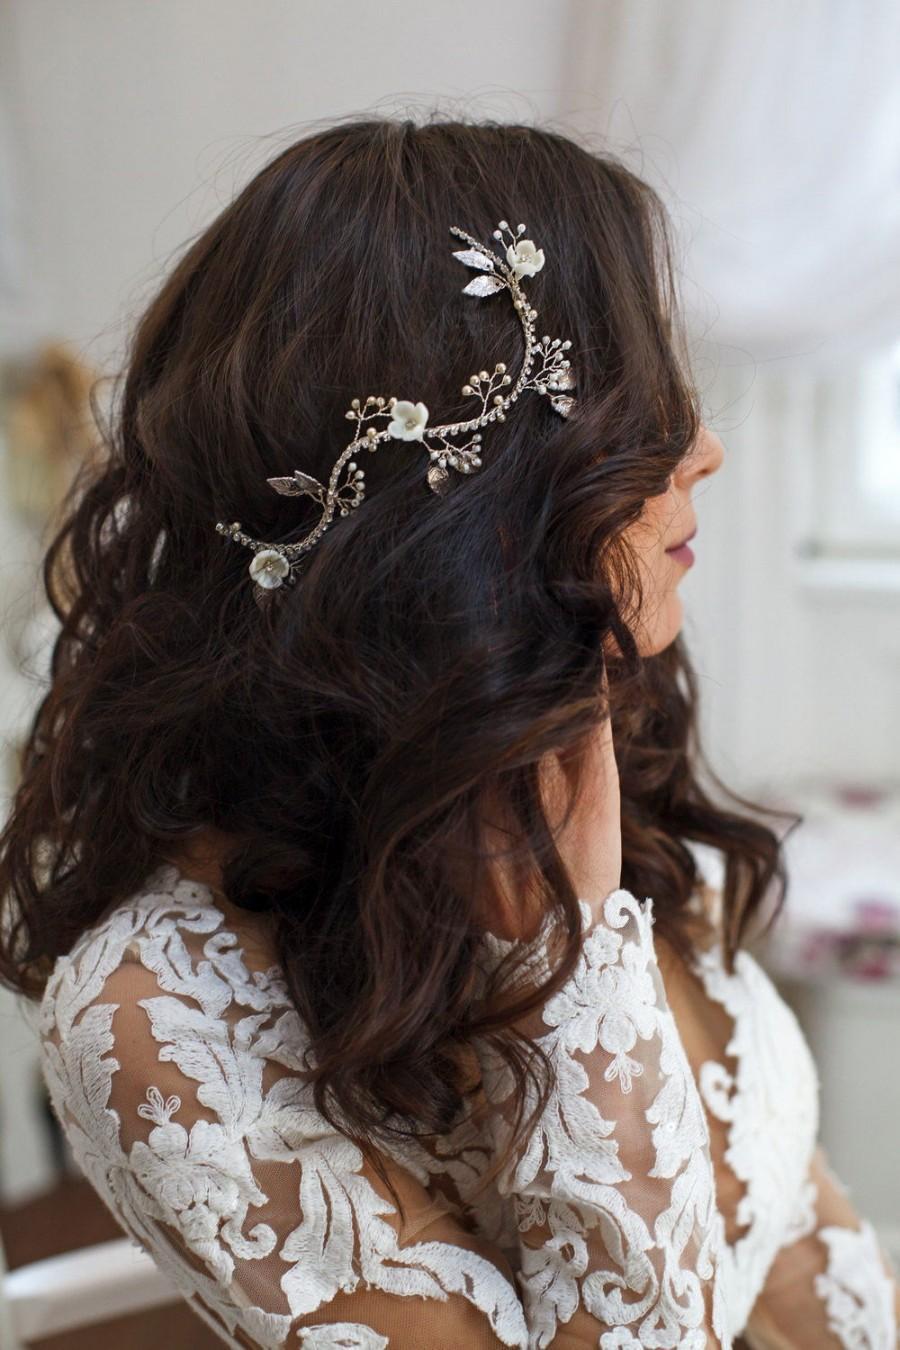 Mariage - Bridal floral hair vine, Wedding flower hairvine, Wedding halo, Whimsical bridal hair piece, Silver  leaf headpiece, Boho hair accessory